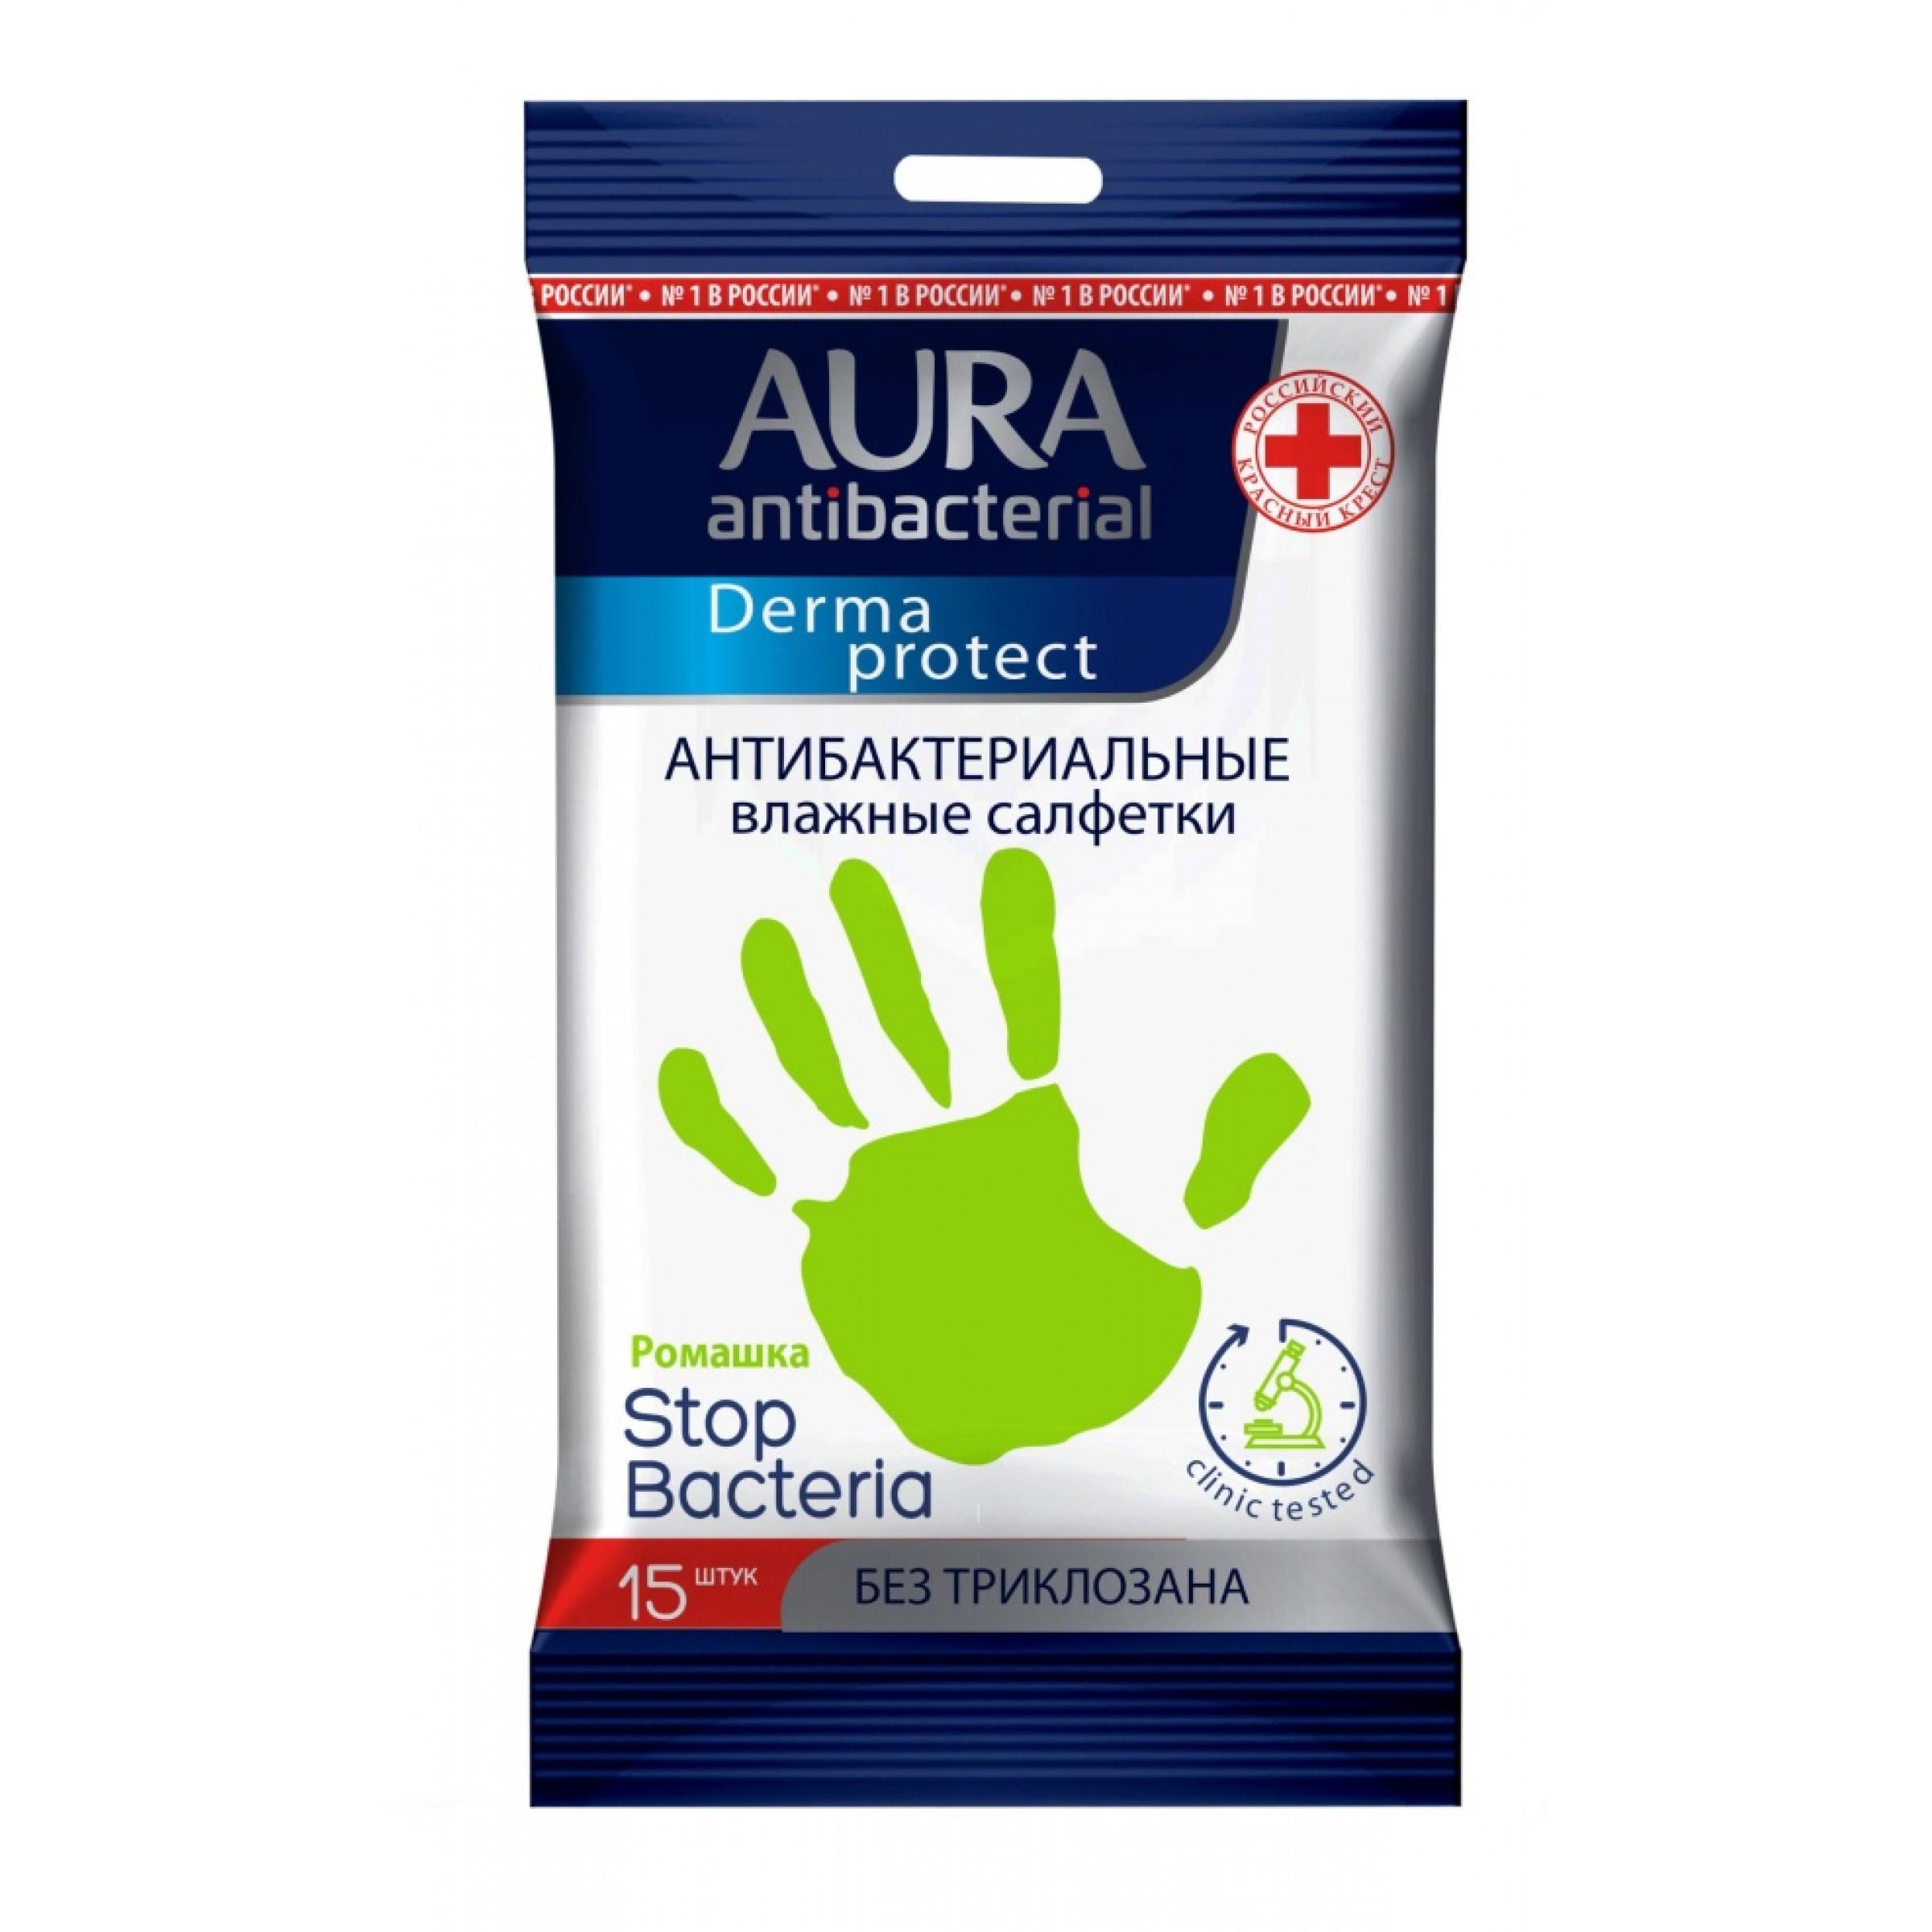 Салфетки влажные антибактериальные AURA Derma Protect Ромашка, 15 шт